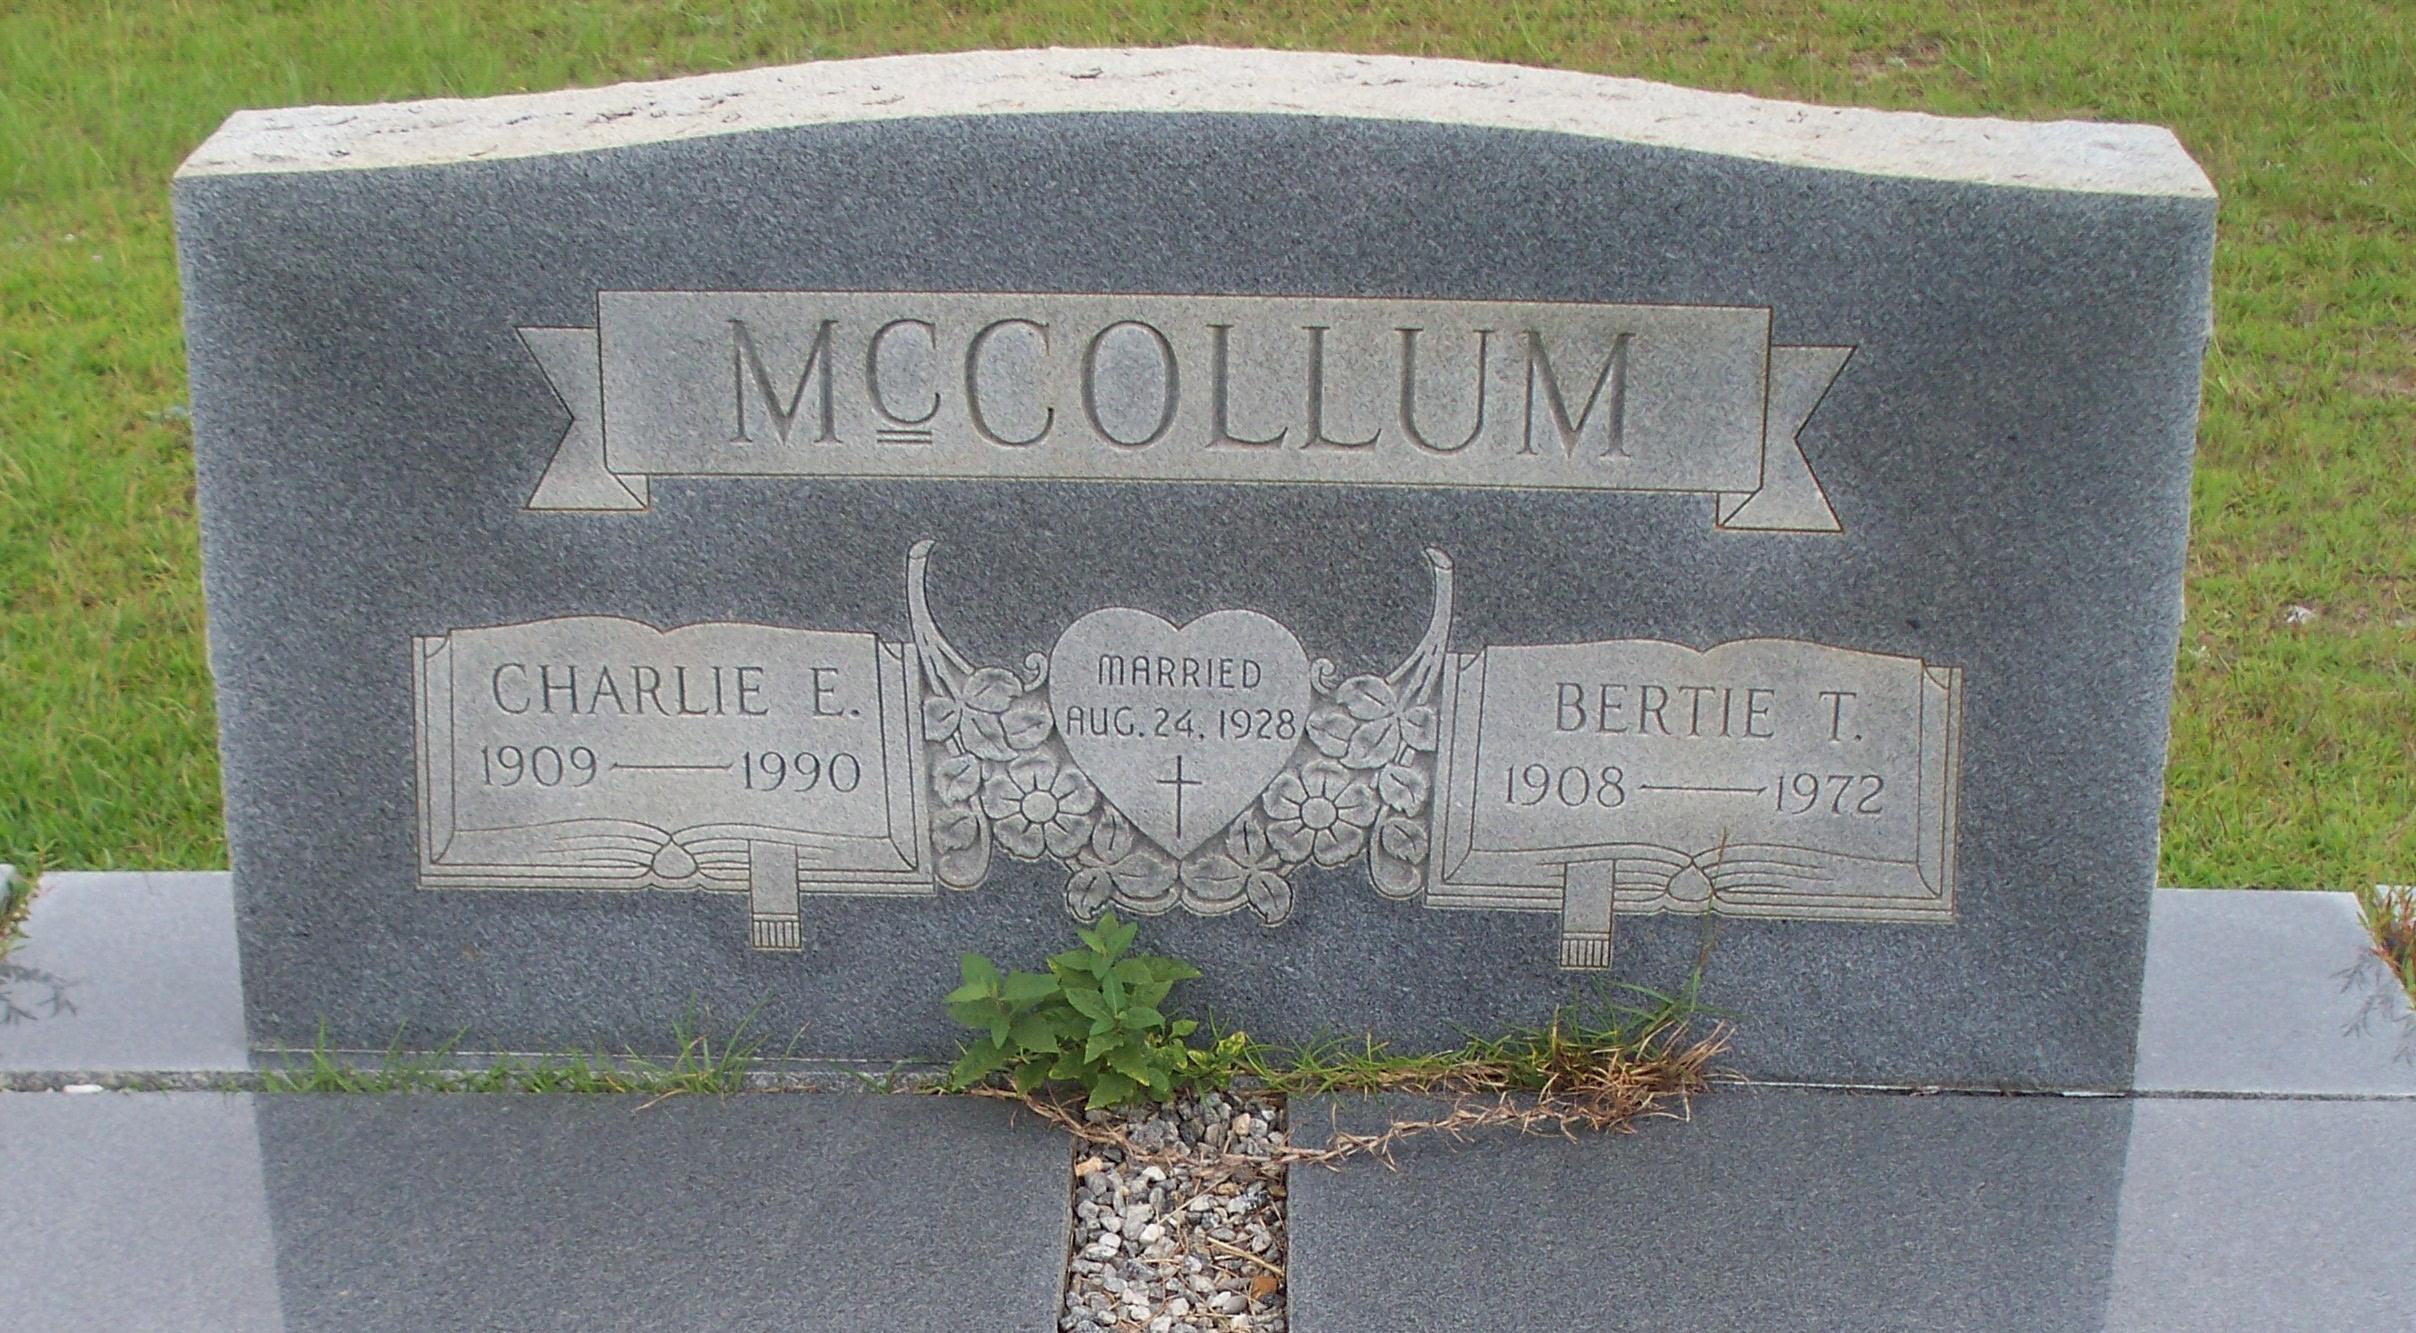 Charlie Edward McCollum